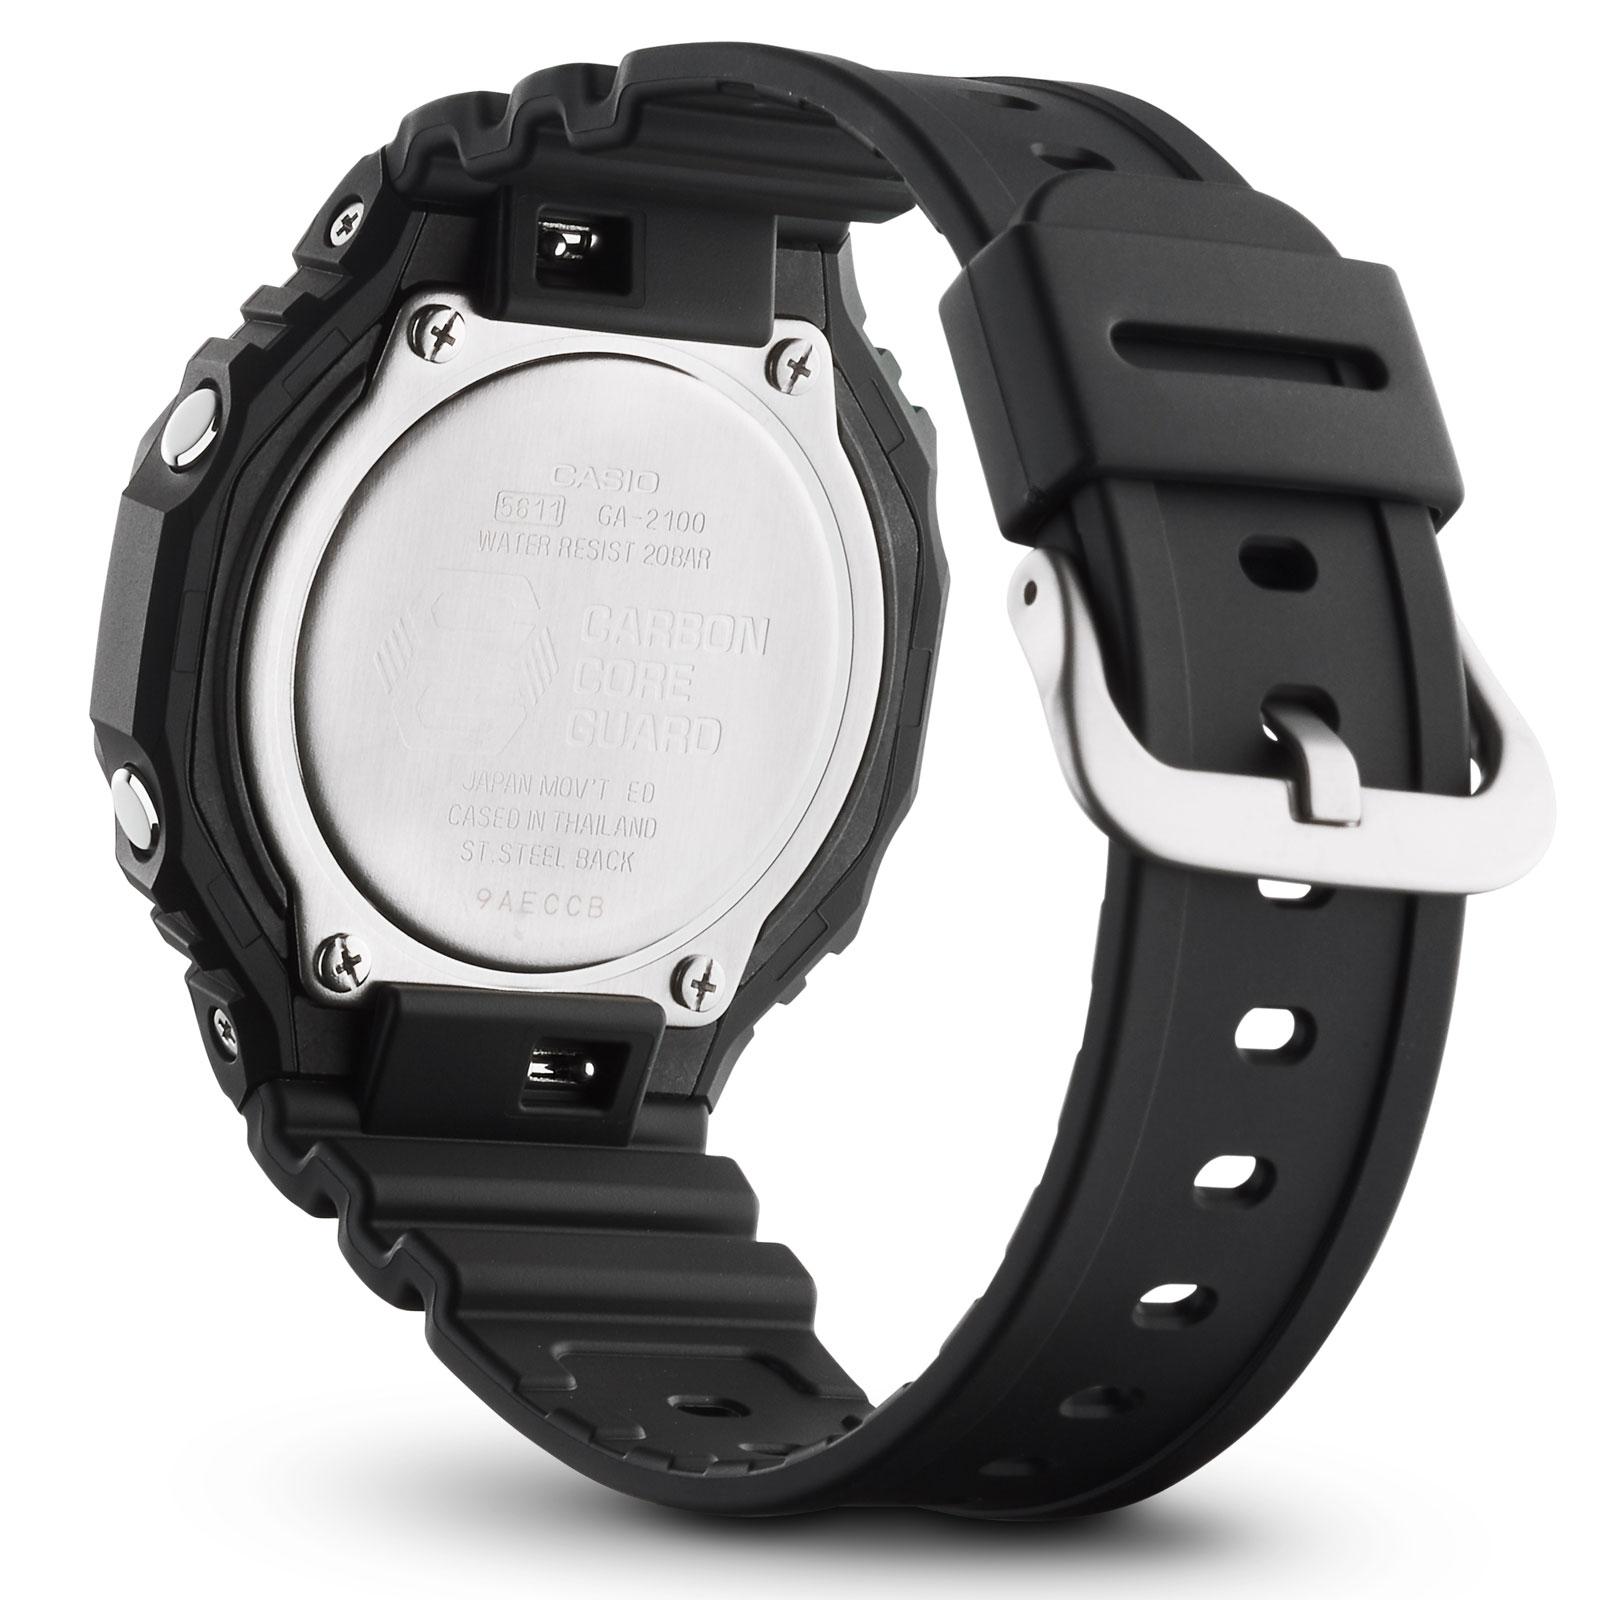 Casio G-Shock Uhr GA-2100-1A1ER Armbanduhr